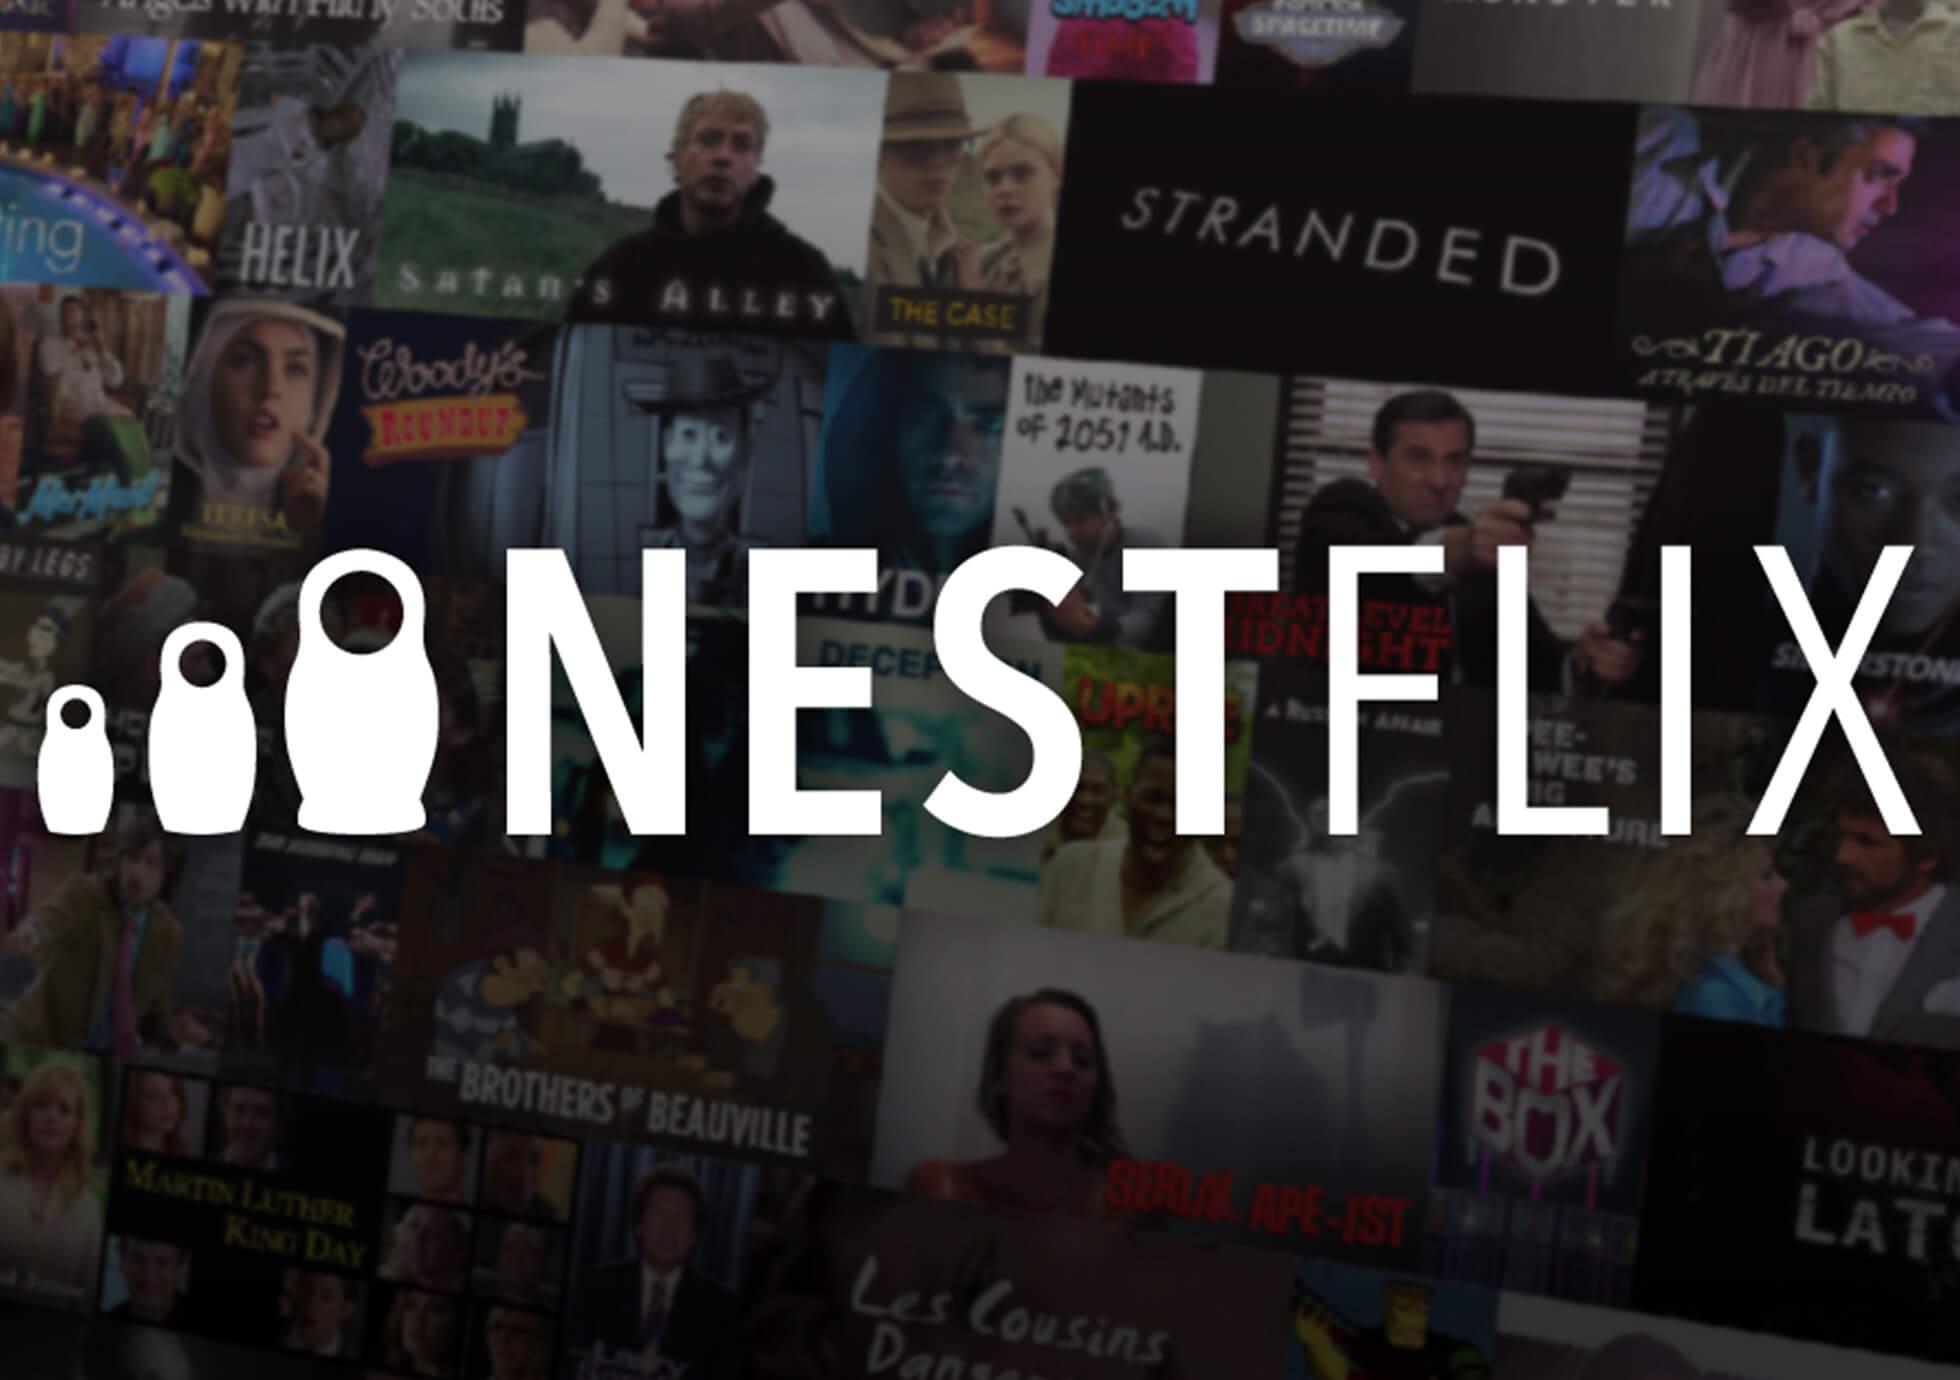 Nestflix logo overlay with fake movie thumbnails underneath